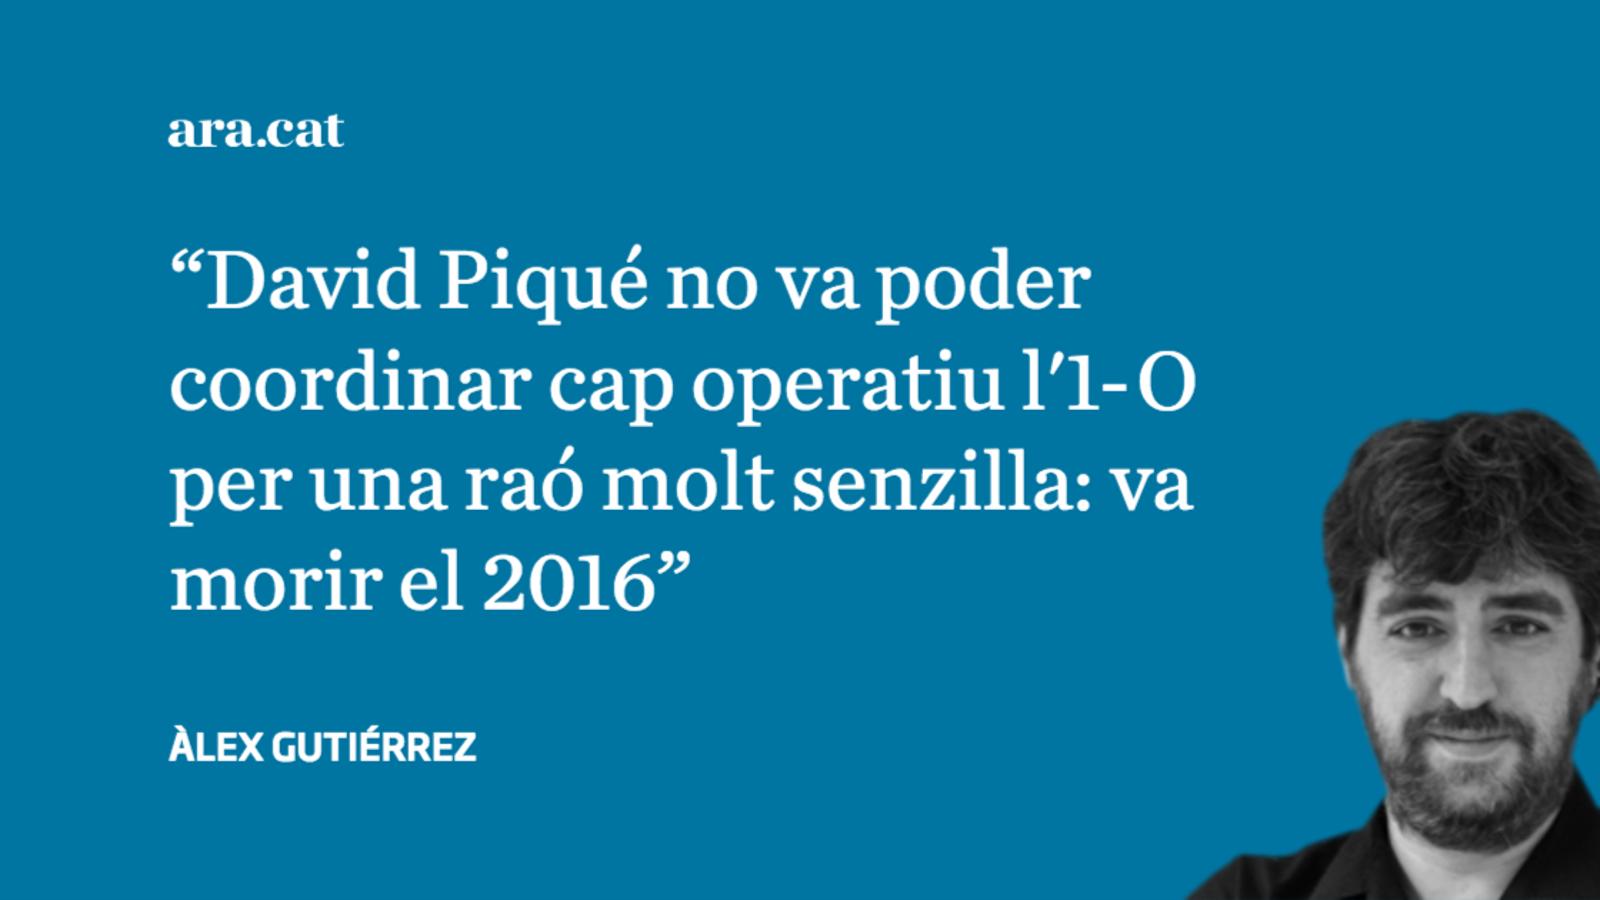 'OK Diario' acusa un mosso mort el 2016 de coordinar l'1-O